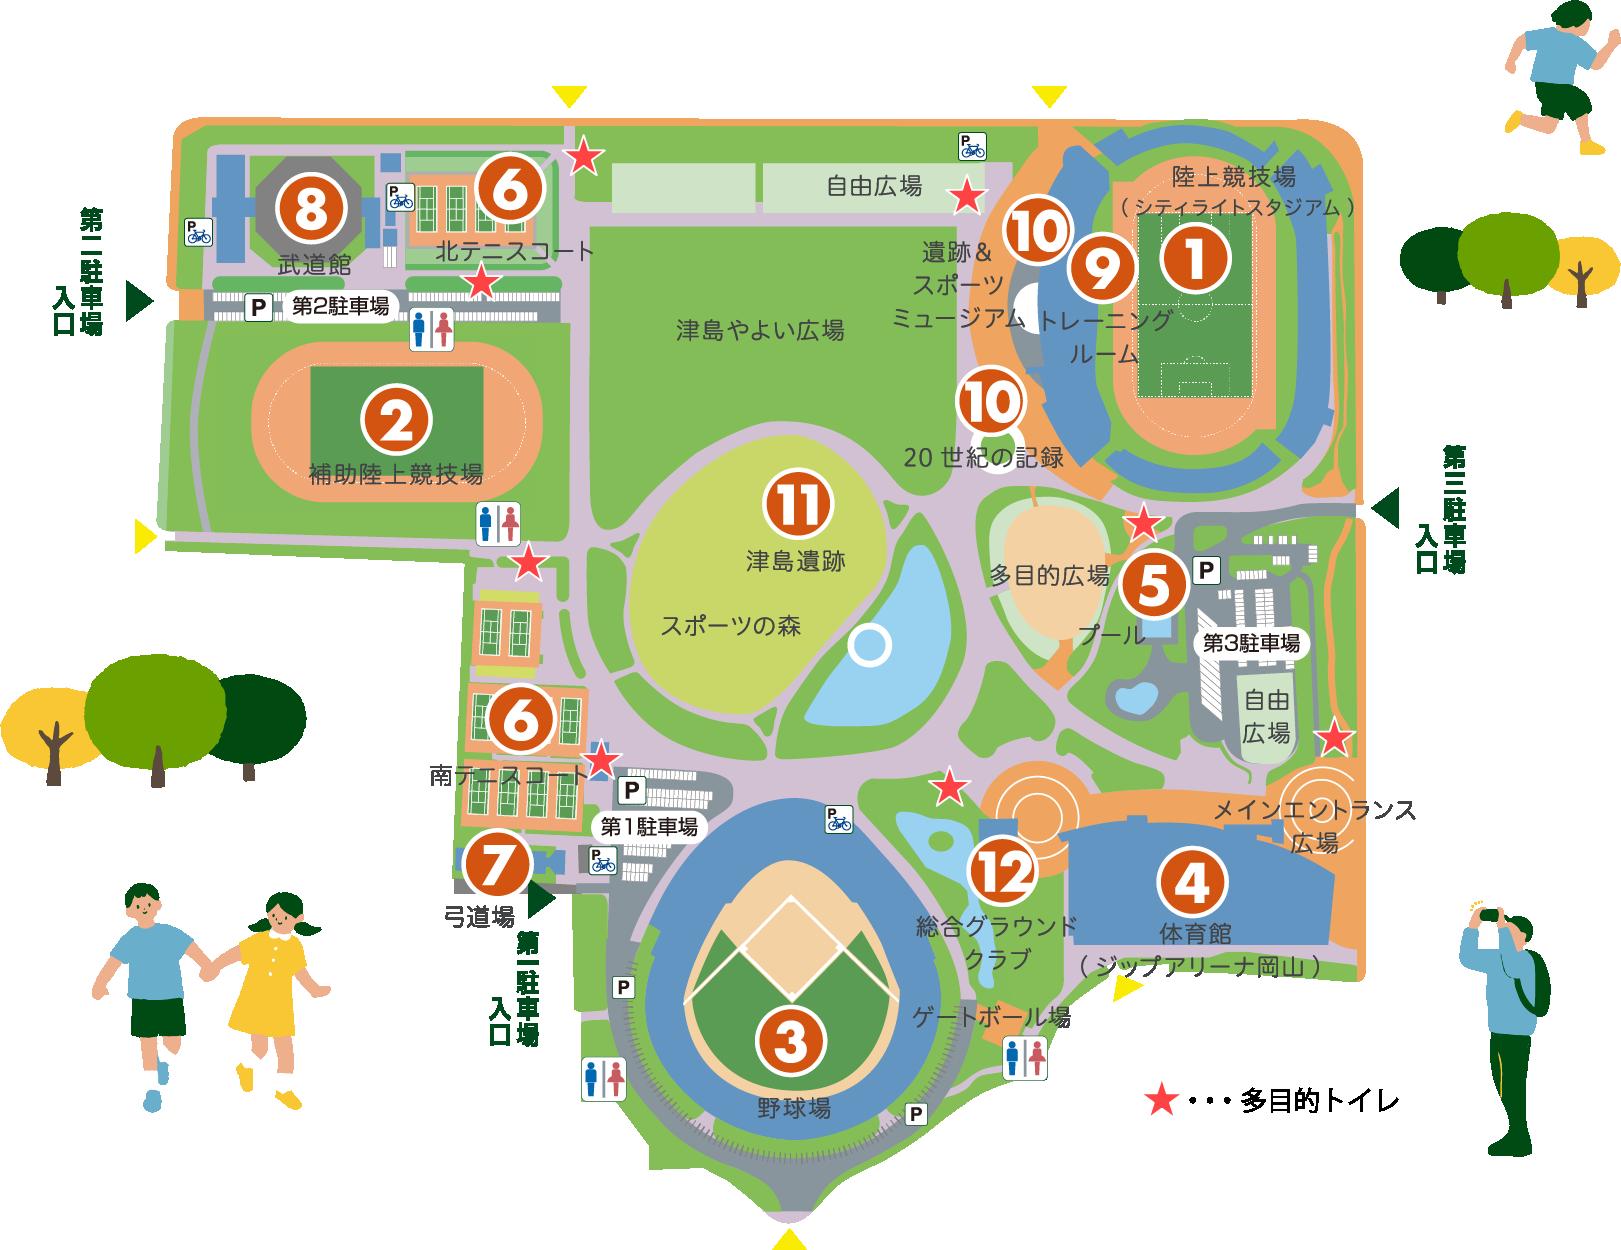 施設紹介マップ